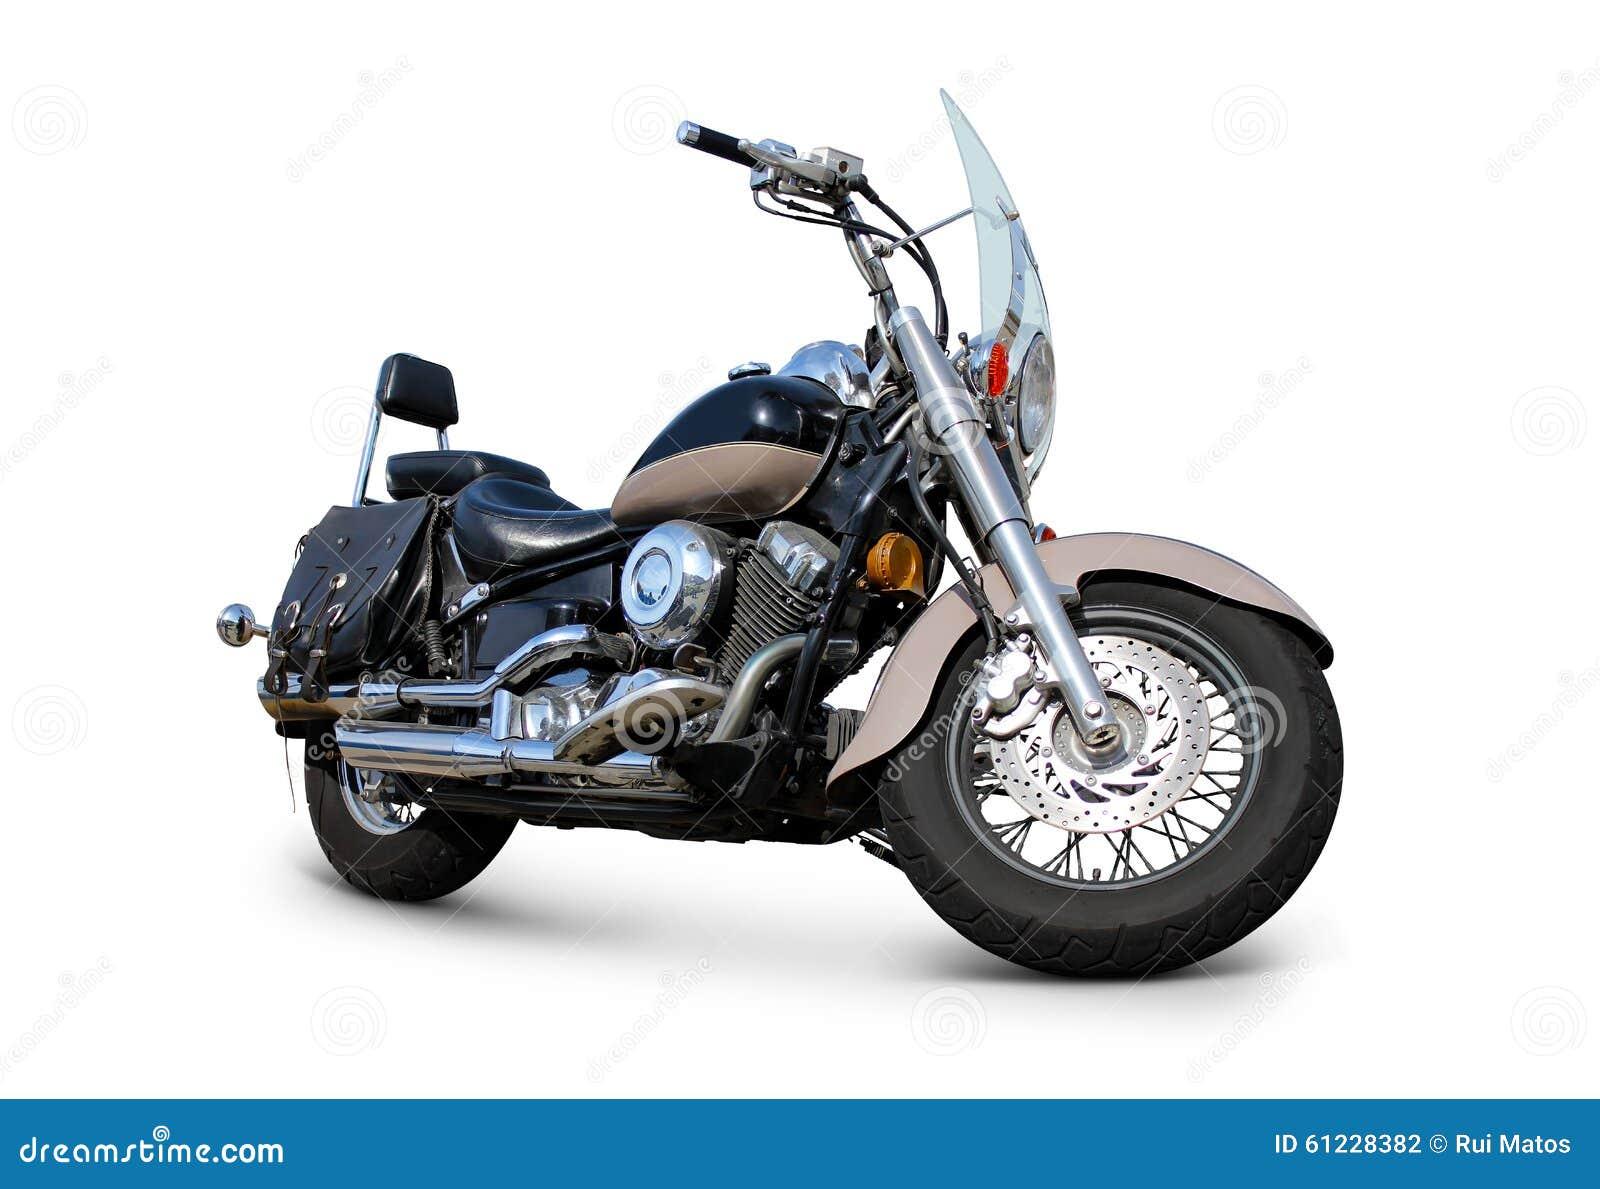 Motocicleta com opinião dianteira do para-brisa isolada no branco